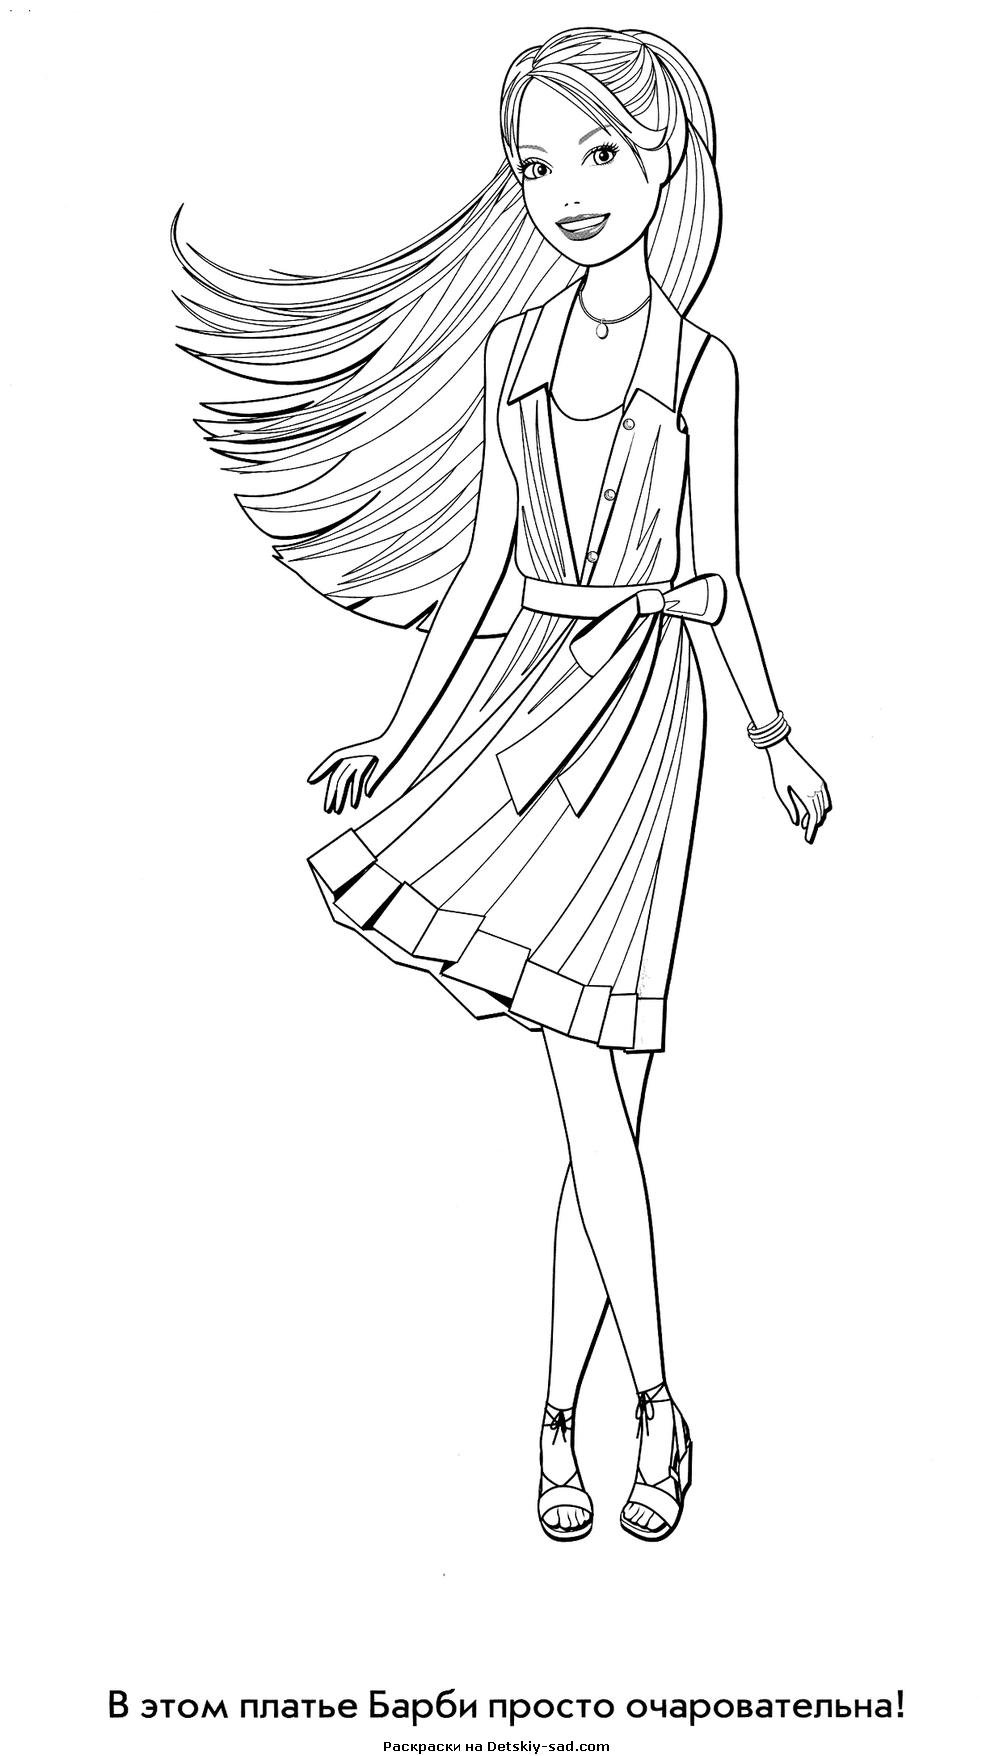 Раскраска девочка в полный рост - 5